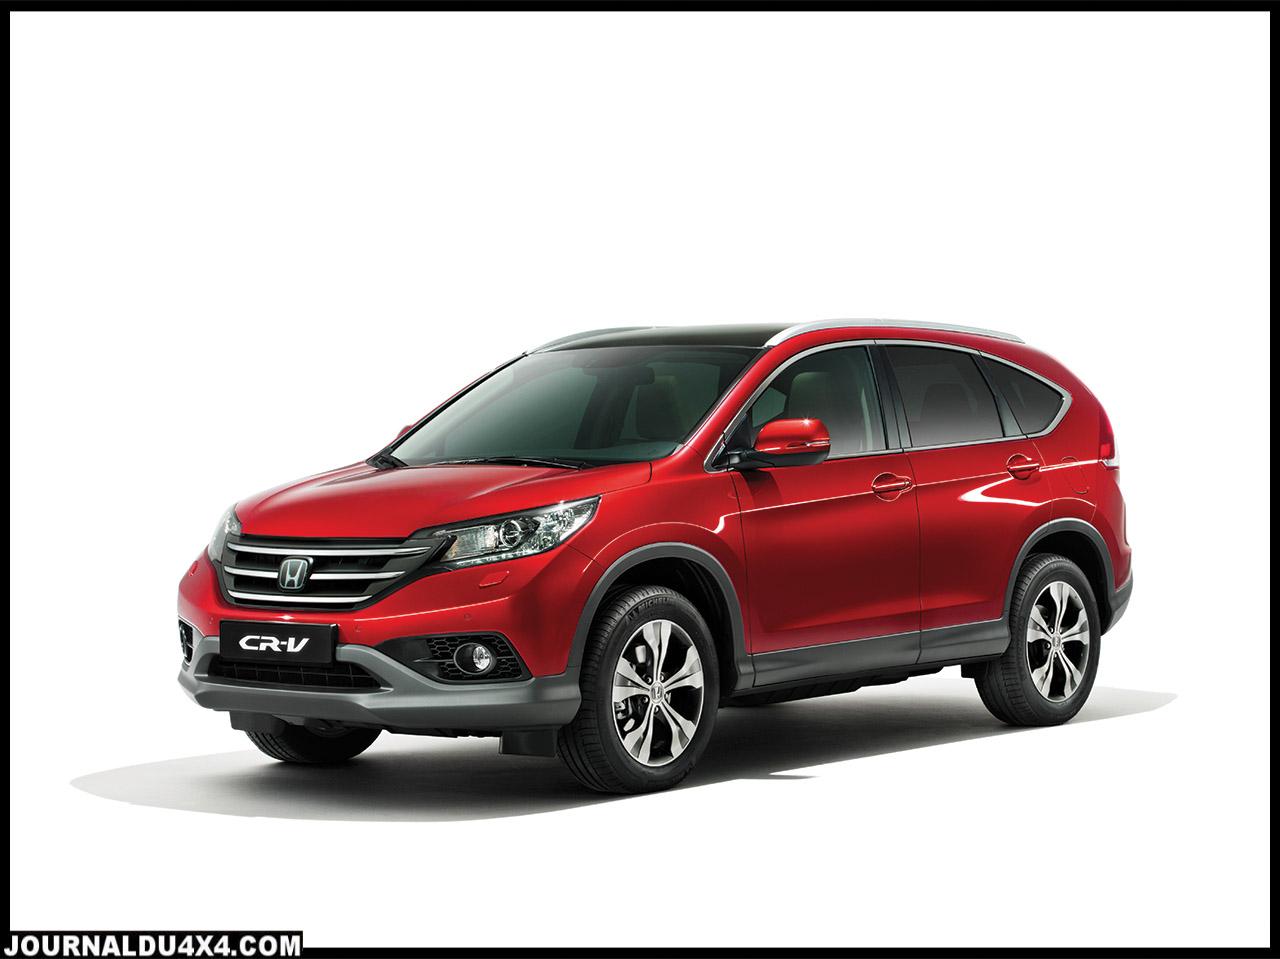 CRV Honda nouveau modèle 2012